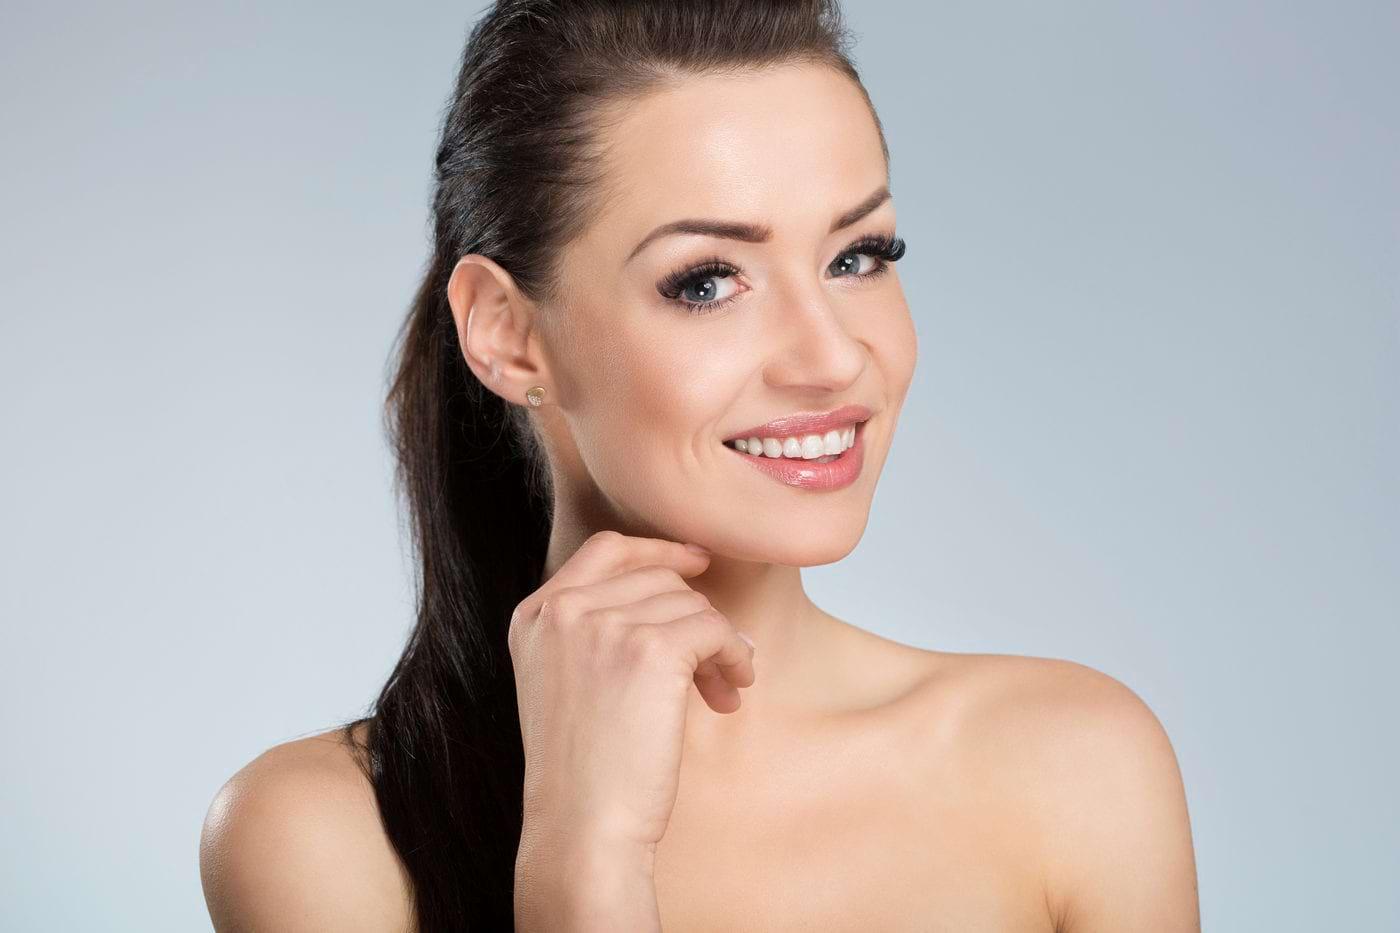 Acizii exfolianți în rutina de îngrijire a pielii